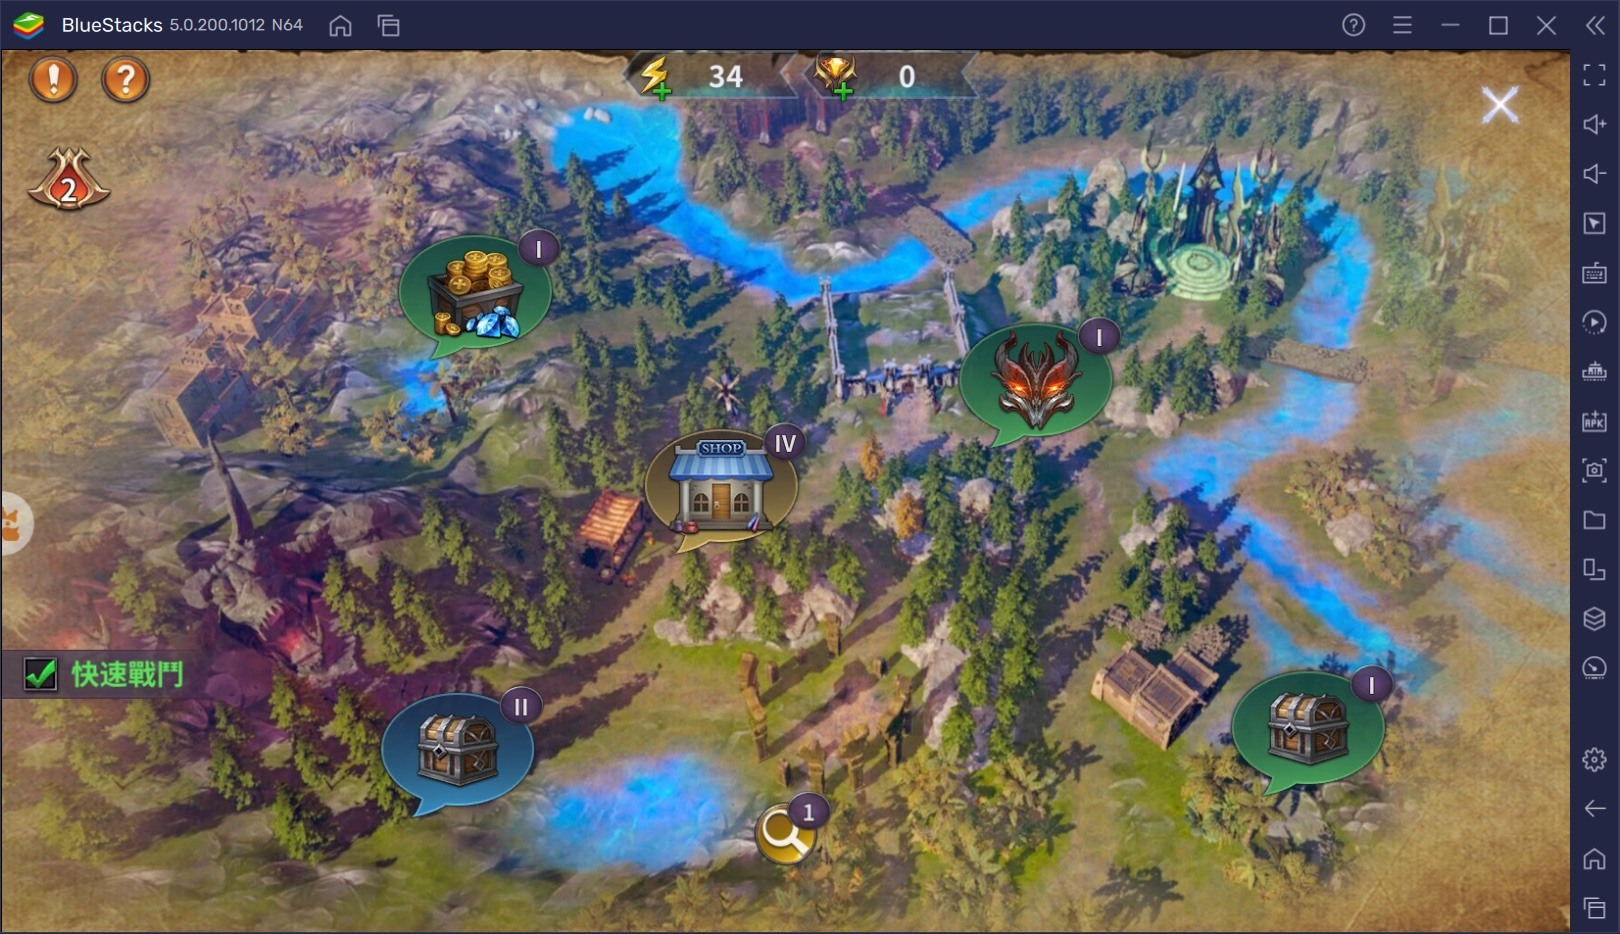 如何使用 BlueStacks 在電腦上玩《無盡奧德賽》